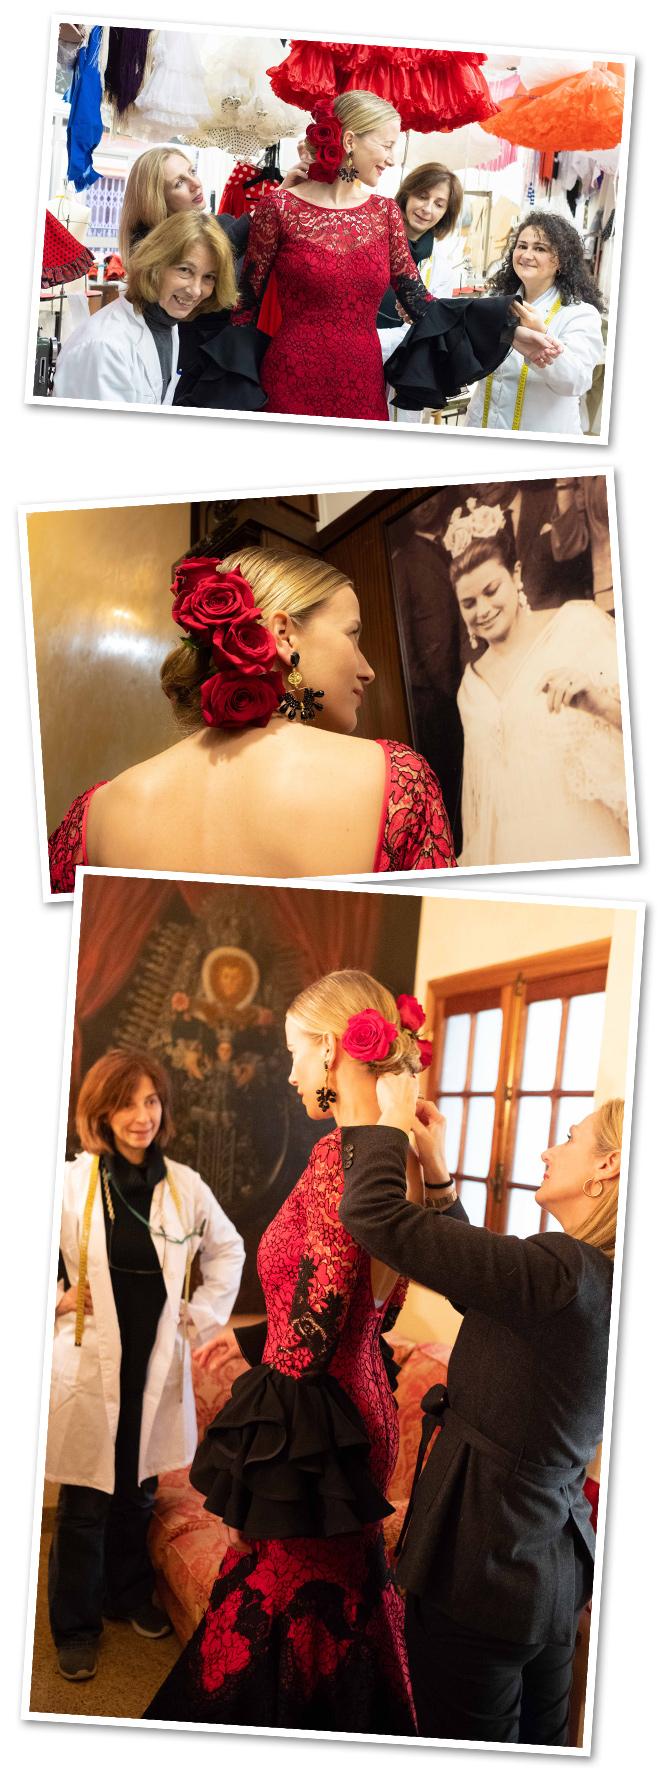 """Y también algunos """"flashes"""" de los pocos días feriantes que he vivido…El tradicional """"pescaito"""", día en el que se inaugura la Feria de Abril, además de un flamenco muy especial organizado por mi amigo Cedric Revesade la noche anterior y para el cual Lina (www.lina1960.com) me diseñó un vestido muy especial de encaje rojo y negro que no me pudo gustar más. Ella fue la encargada de vestir a la elegantísima Grace Kelly cuando visitó la feria en los 50"""